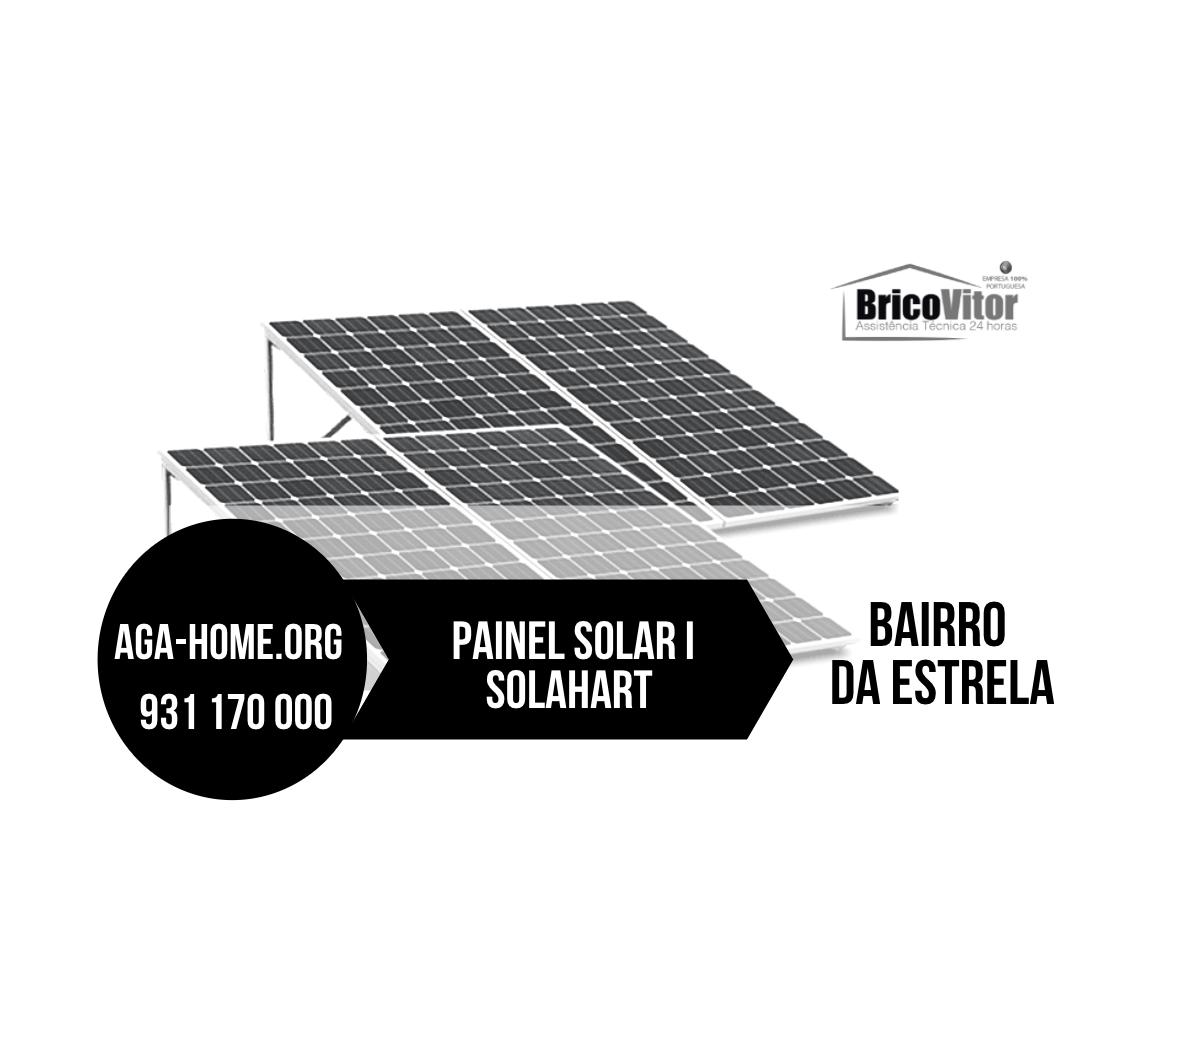 Assistência Painéis Solares Solahart Bairro da Estrela